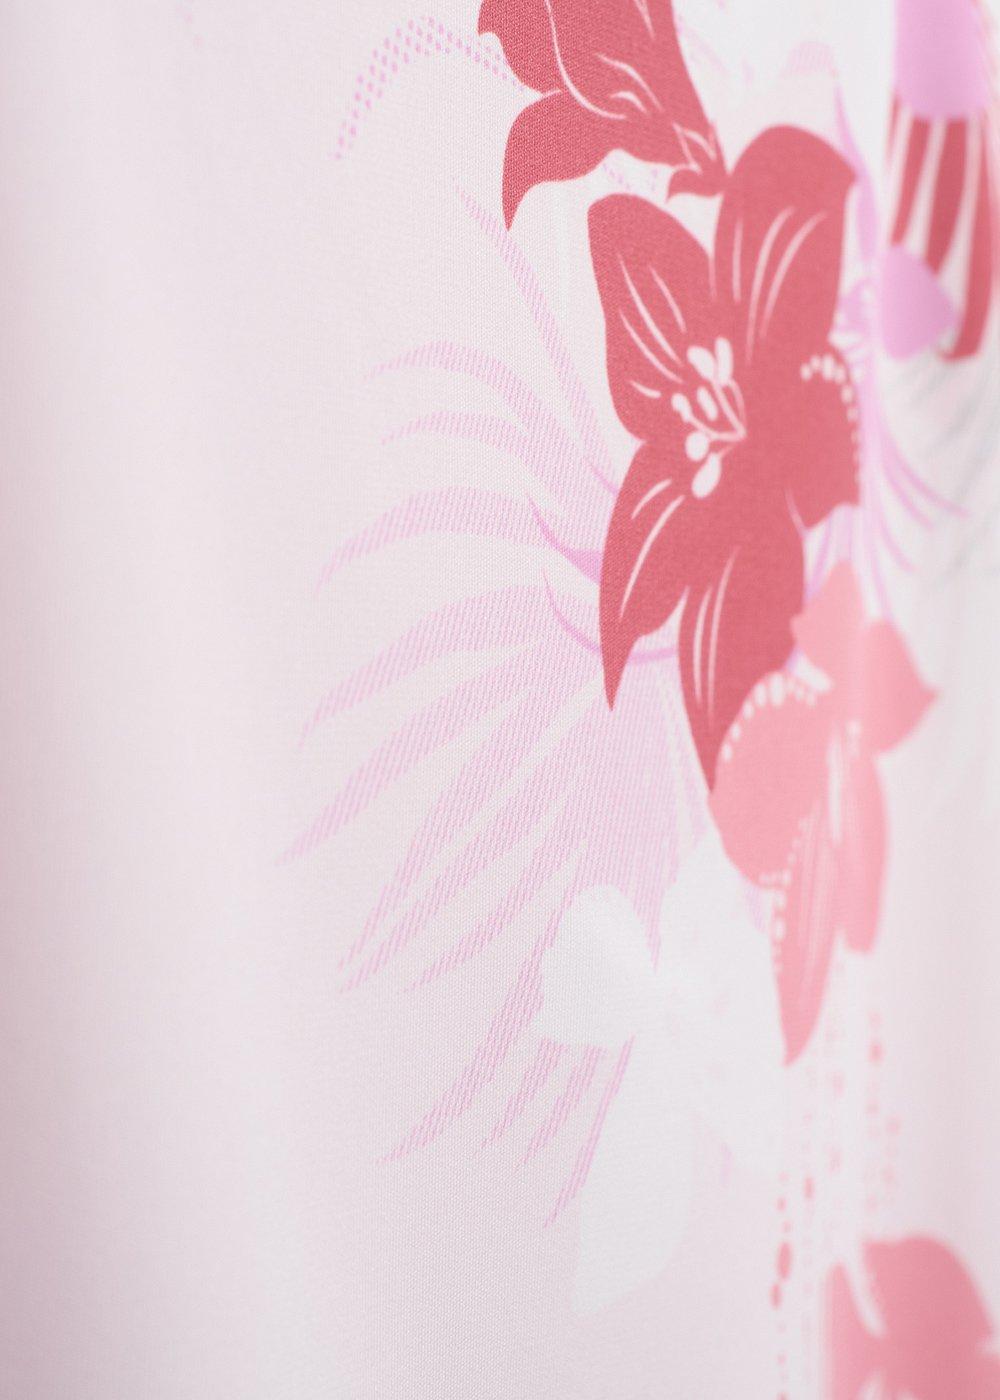 かりゆしウェア(沖縄版アロハシャツ) MAJUN - ココティエロゼ